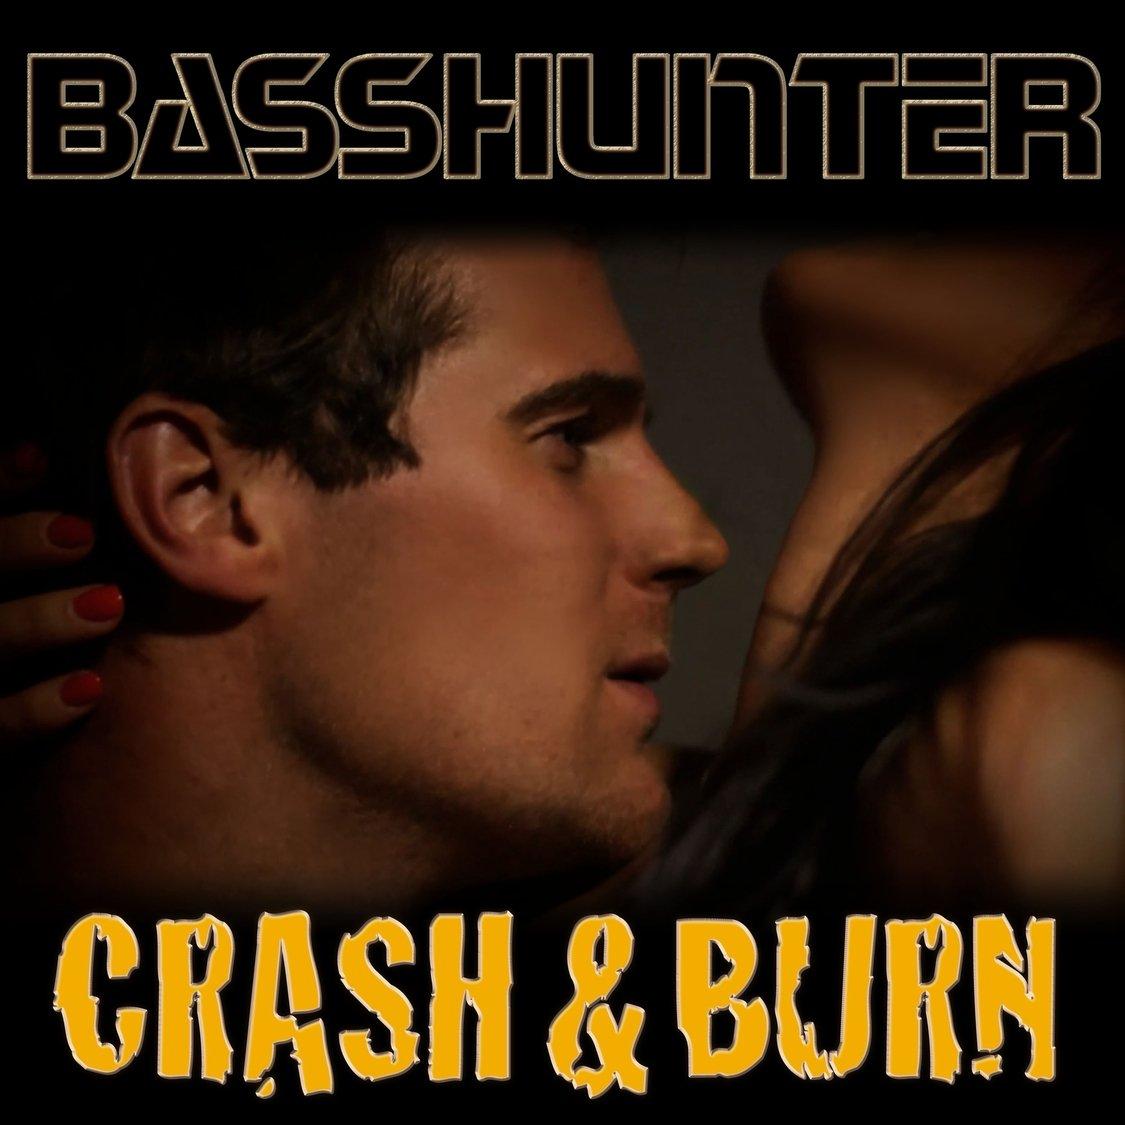 Basshunter dating 2014 isochron dating förklarade